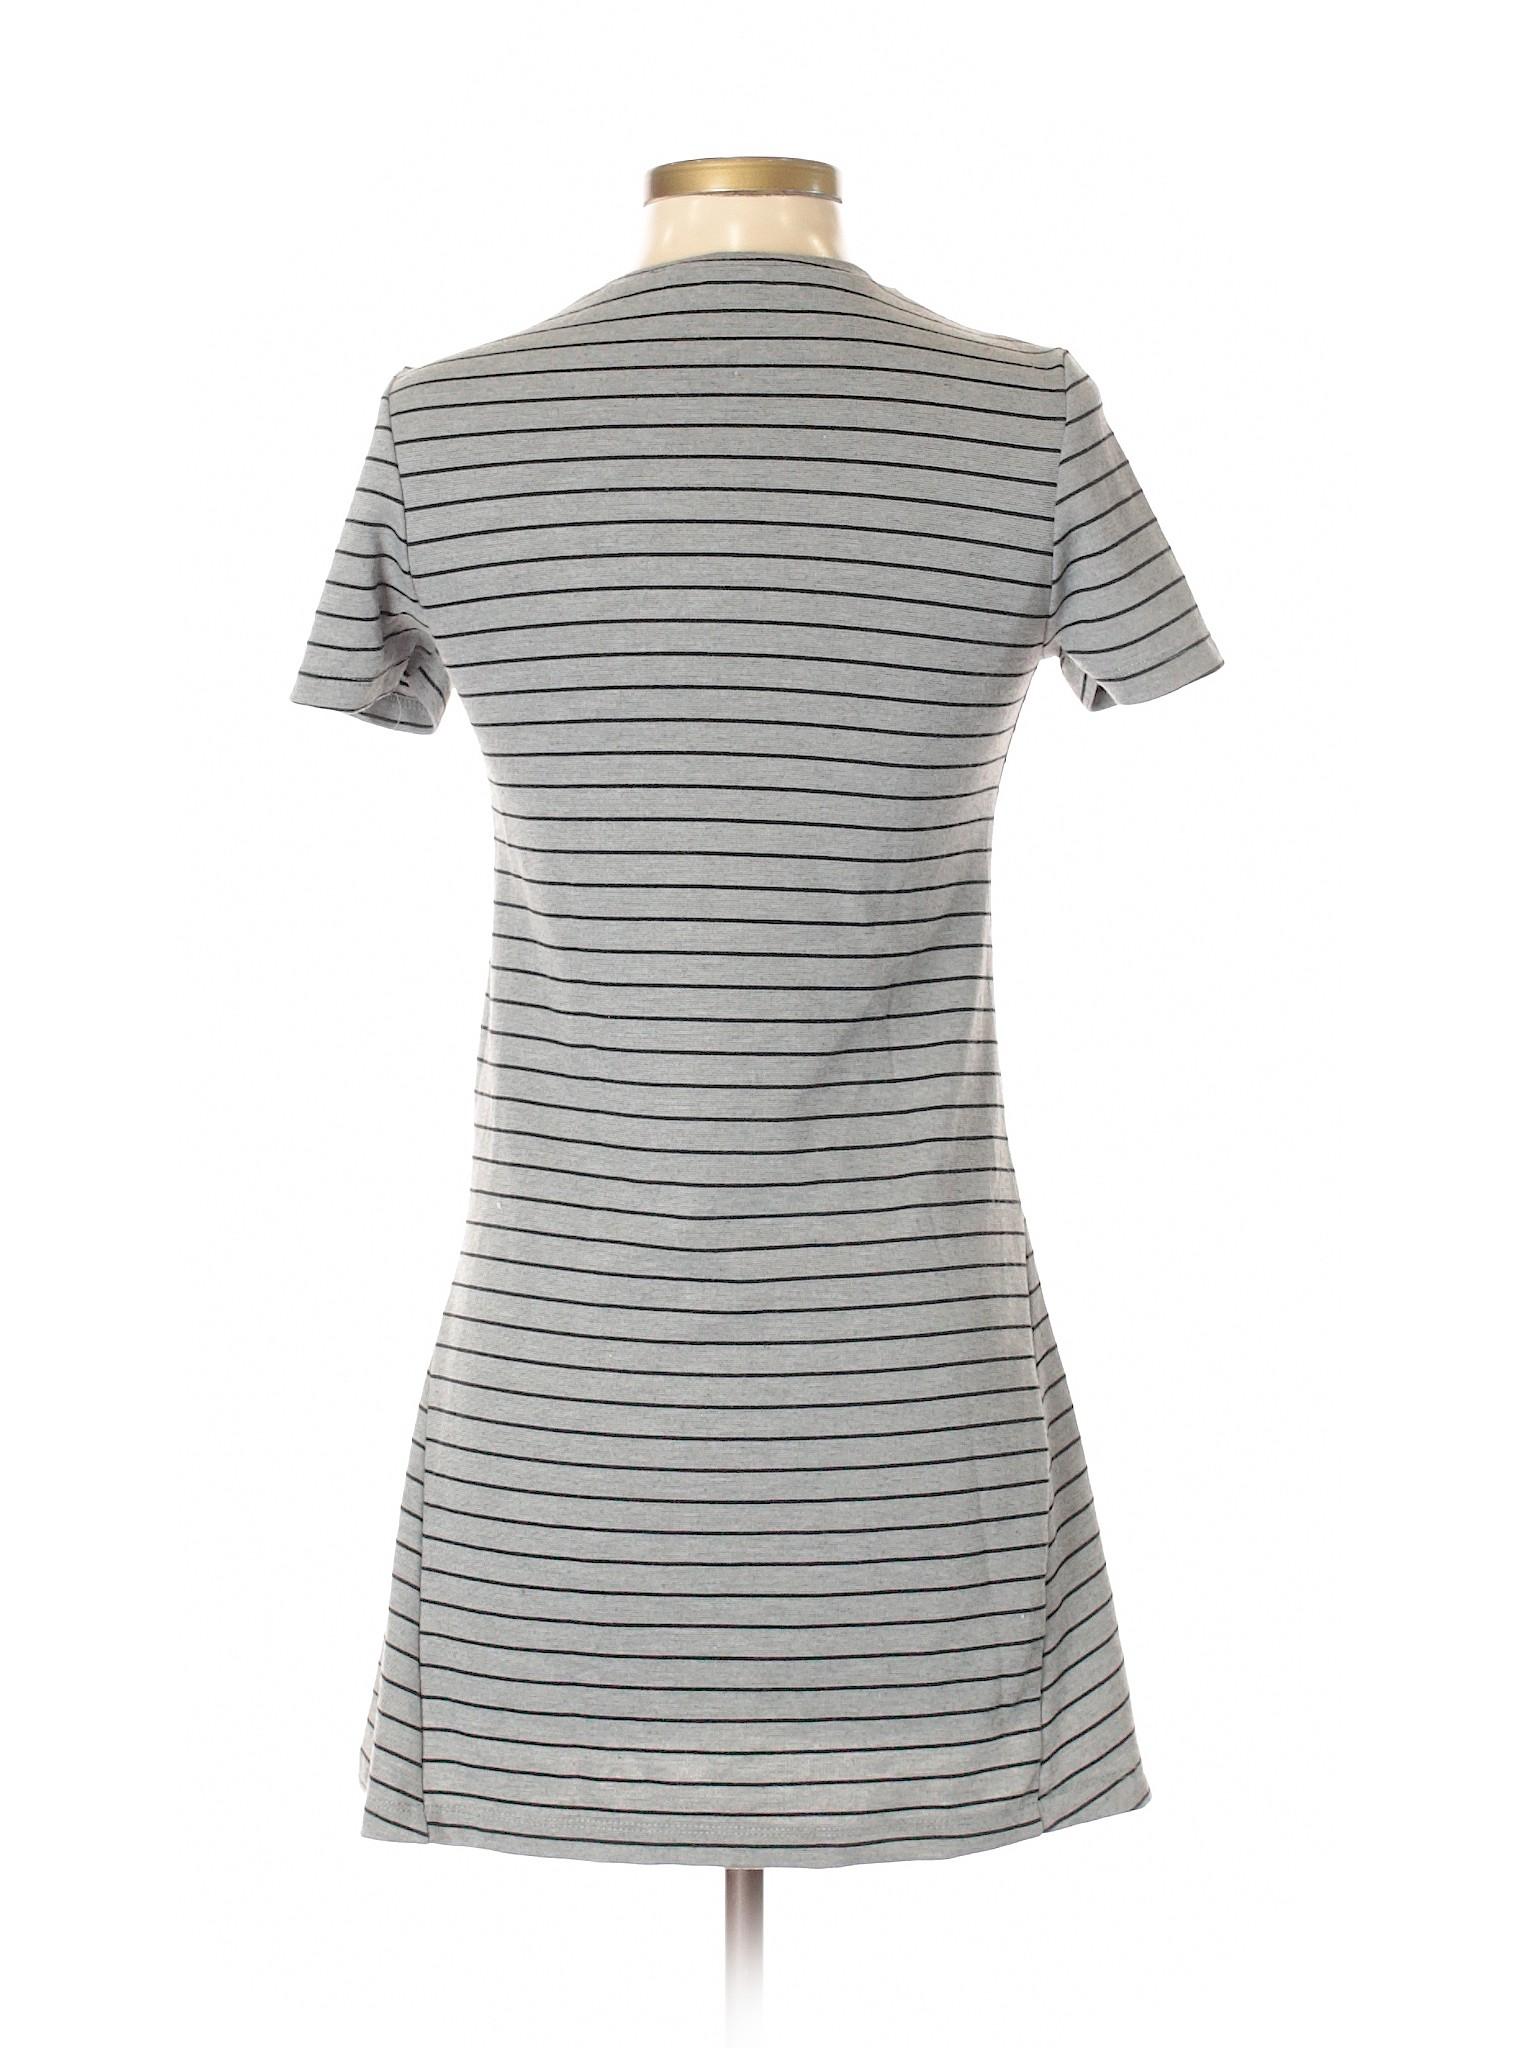 Zara by Dress Selling Casual Trafaluc YqwHCv